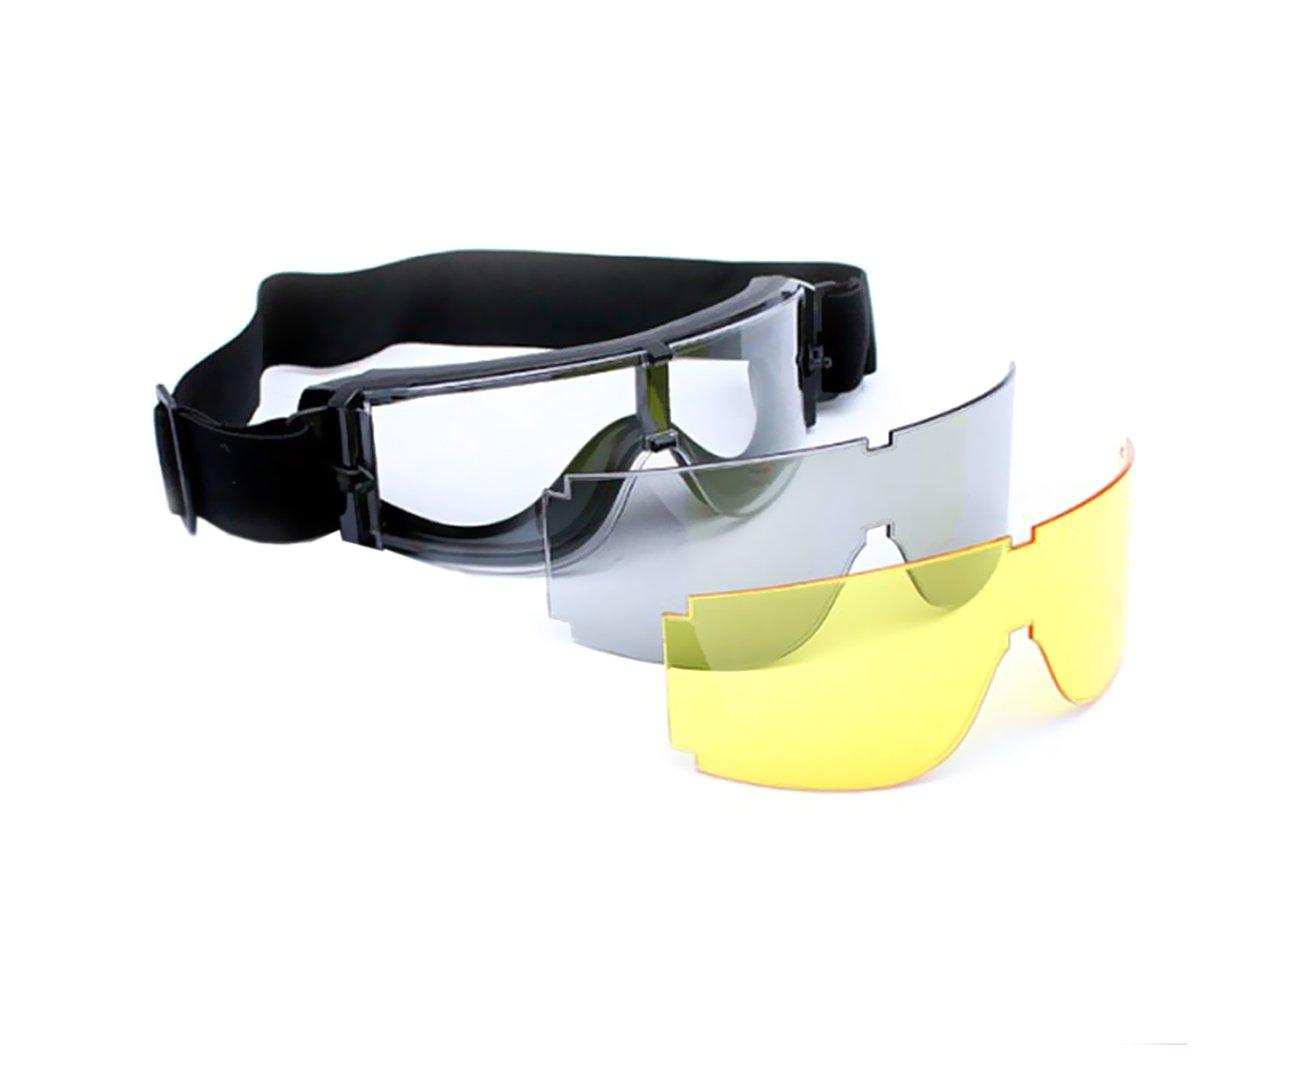 Mascara De Proteção Airsoft X800 Tripla Lente - Actionx